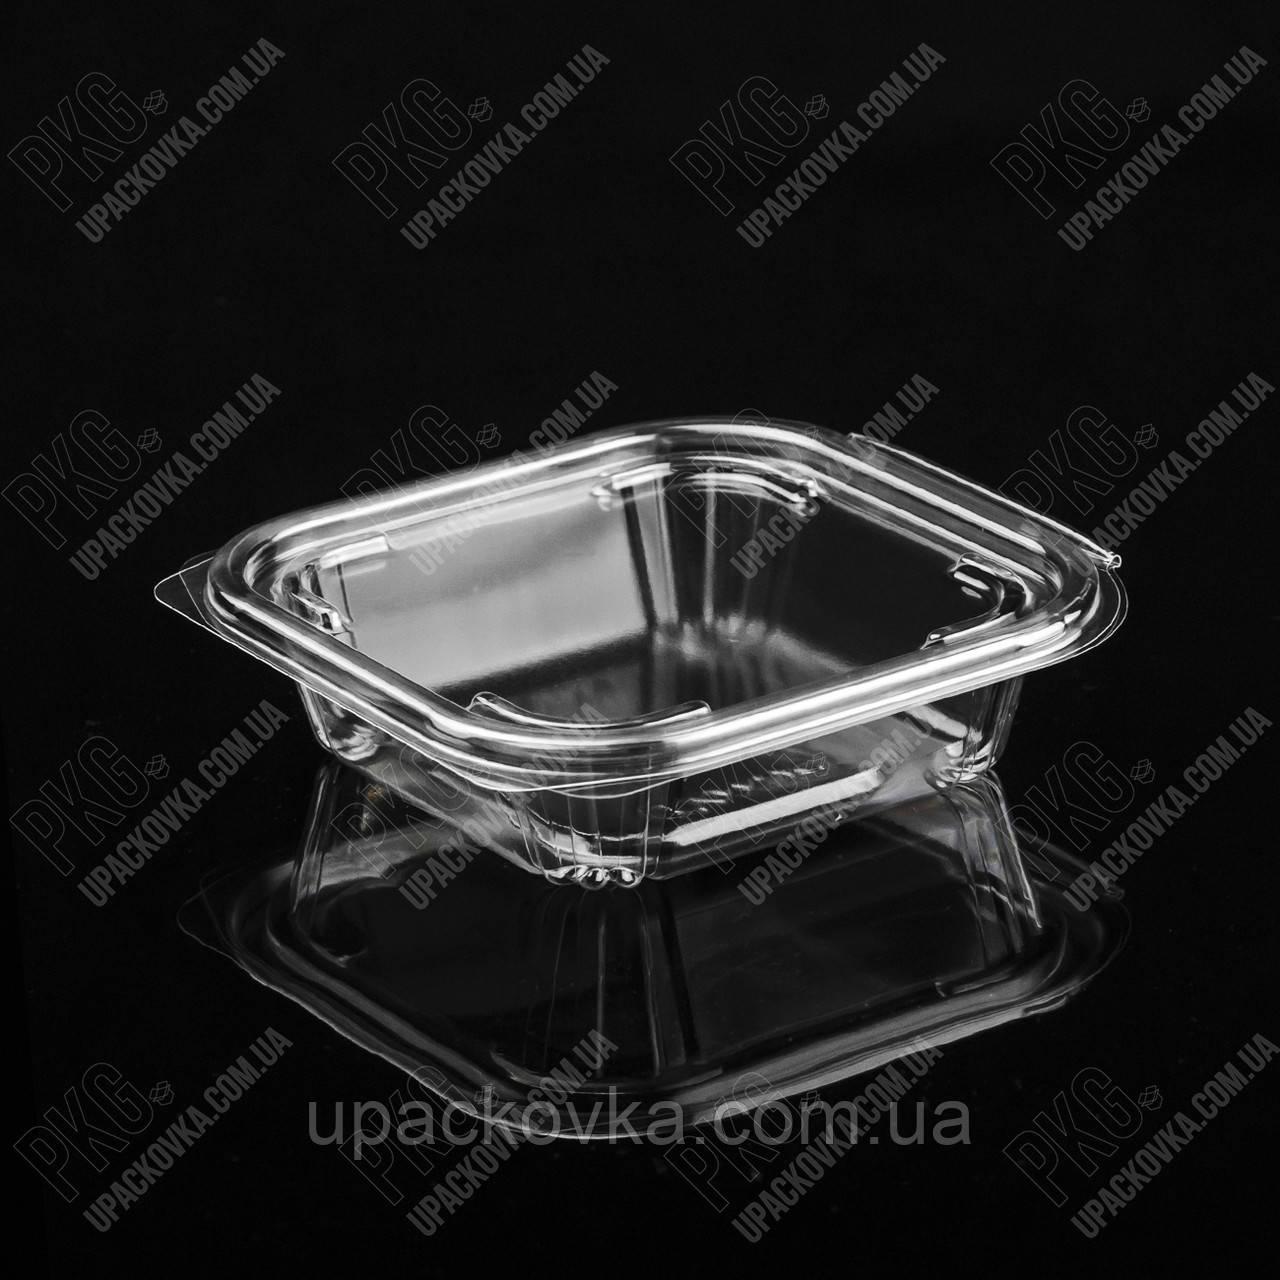 Упаковка для салатов безреберная с совместной крышкой РКСП-250, 520 шт/уп